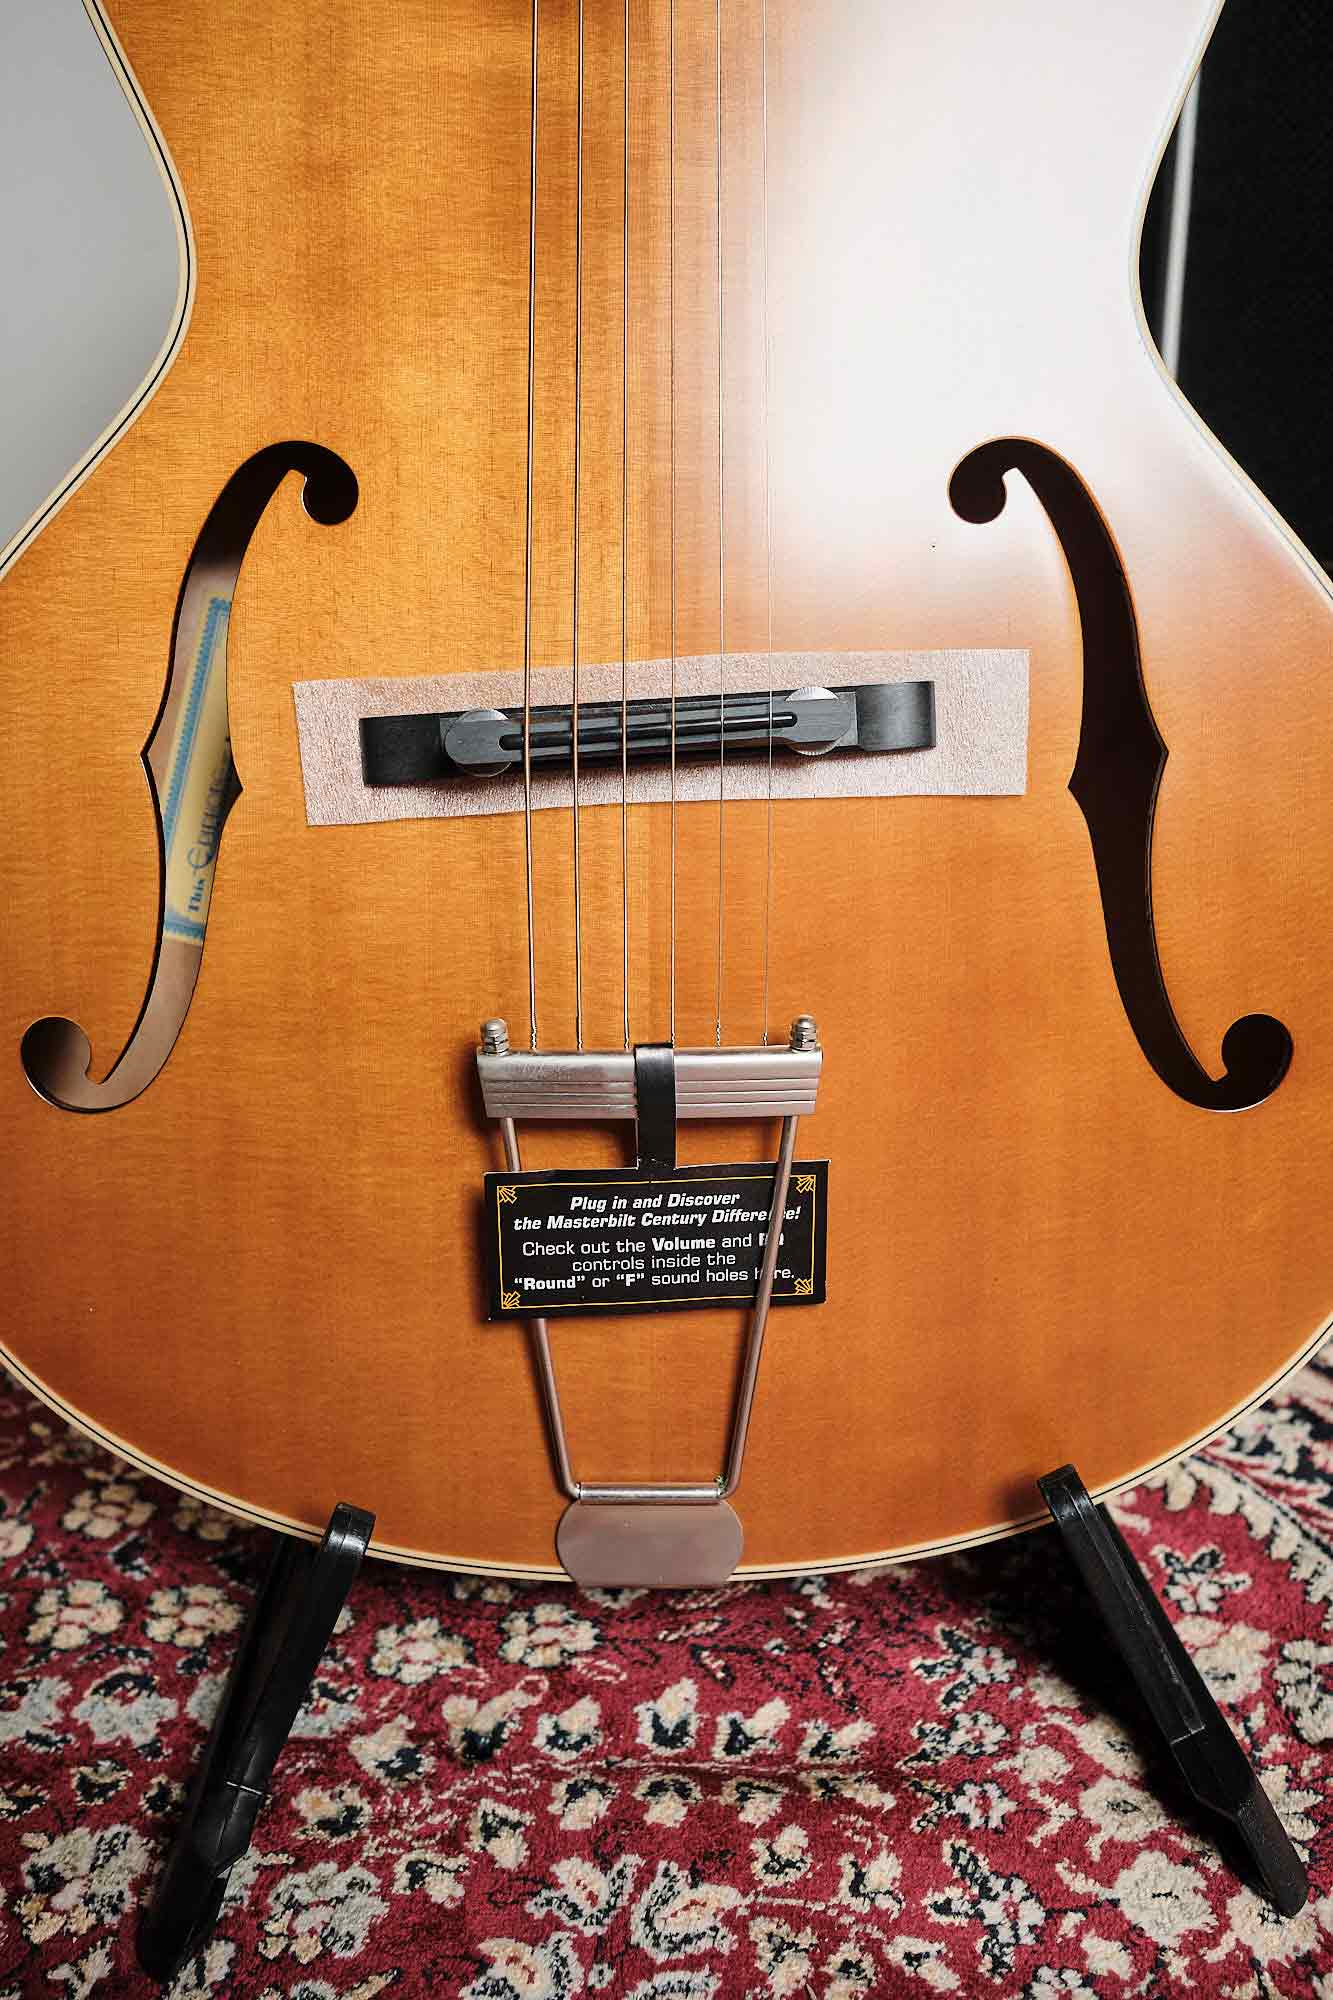 Violão Elétrico EpiPhone Masterbilt Zenith Classic (f-hole) Vintage Natural